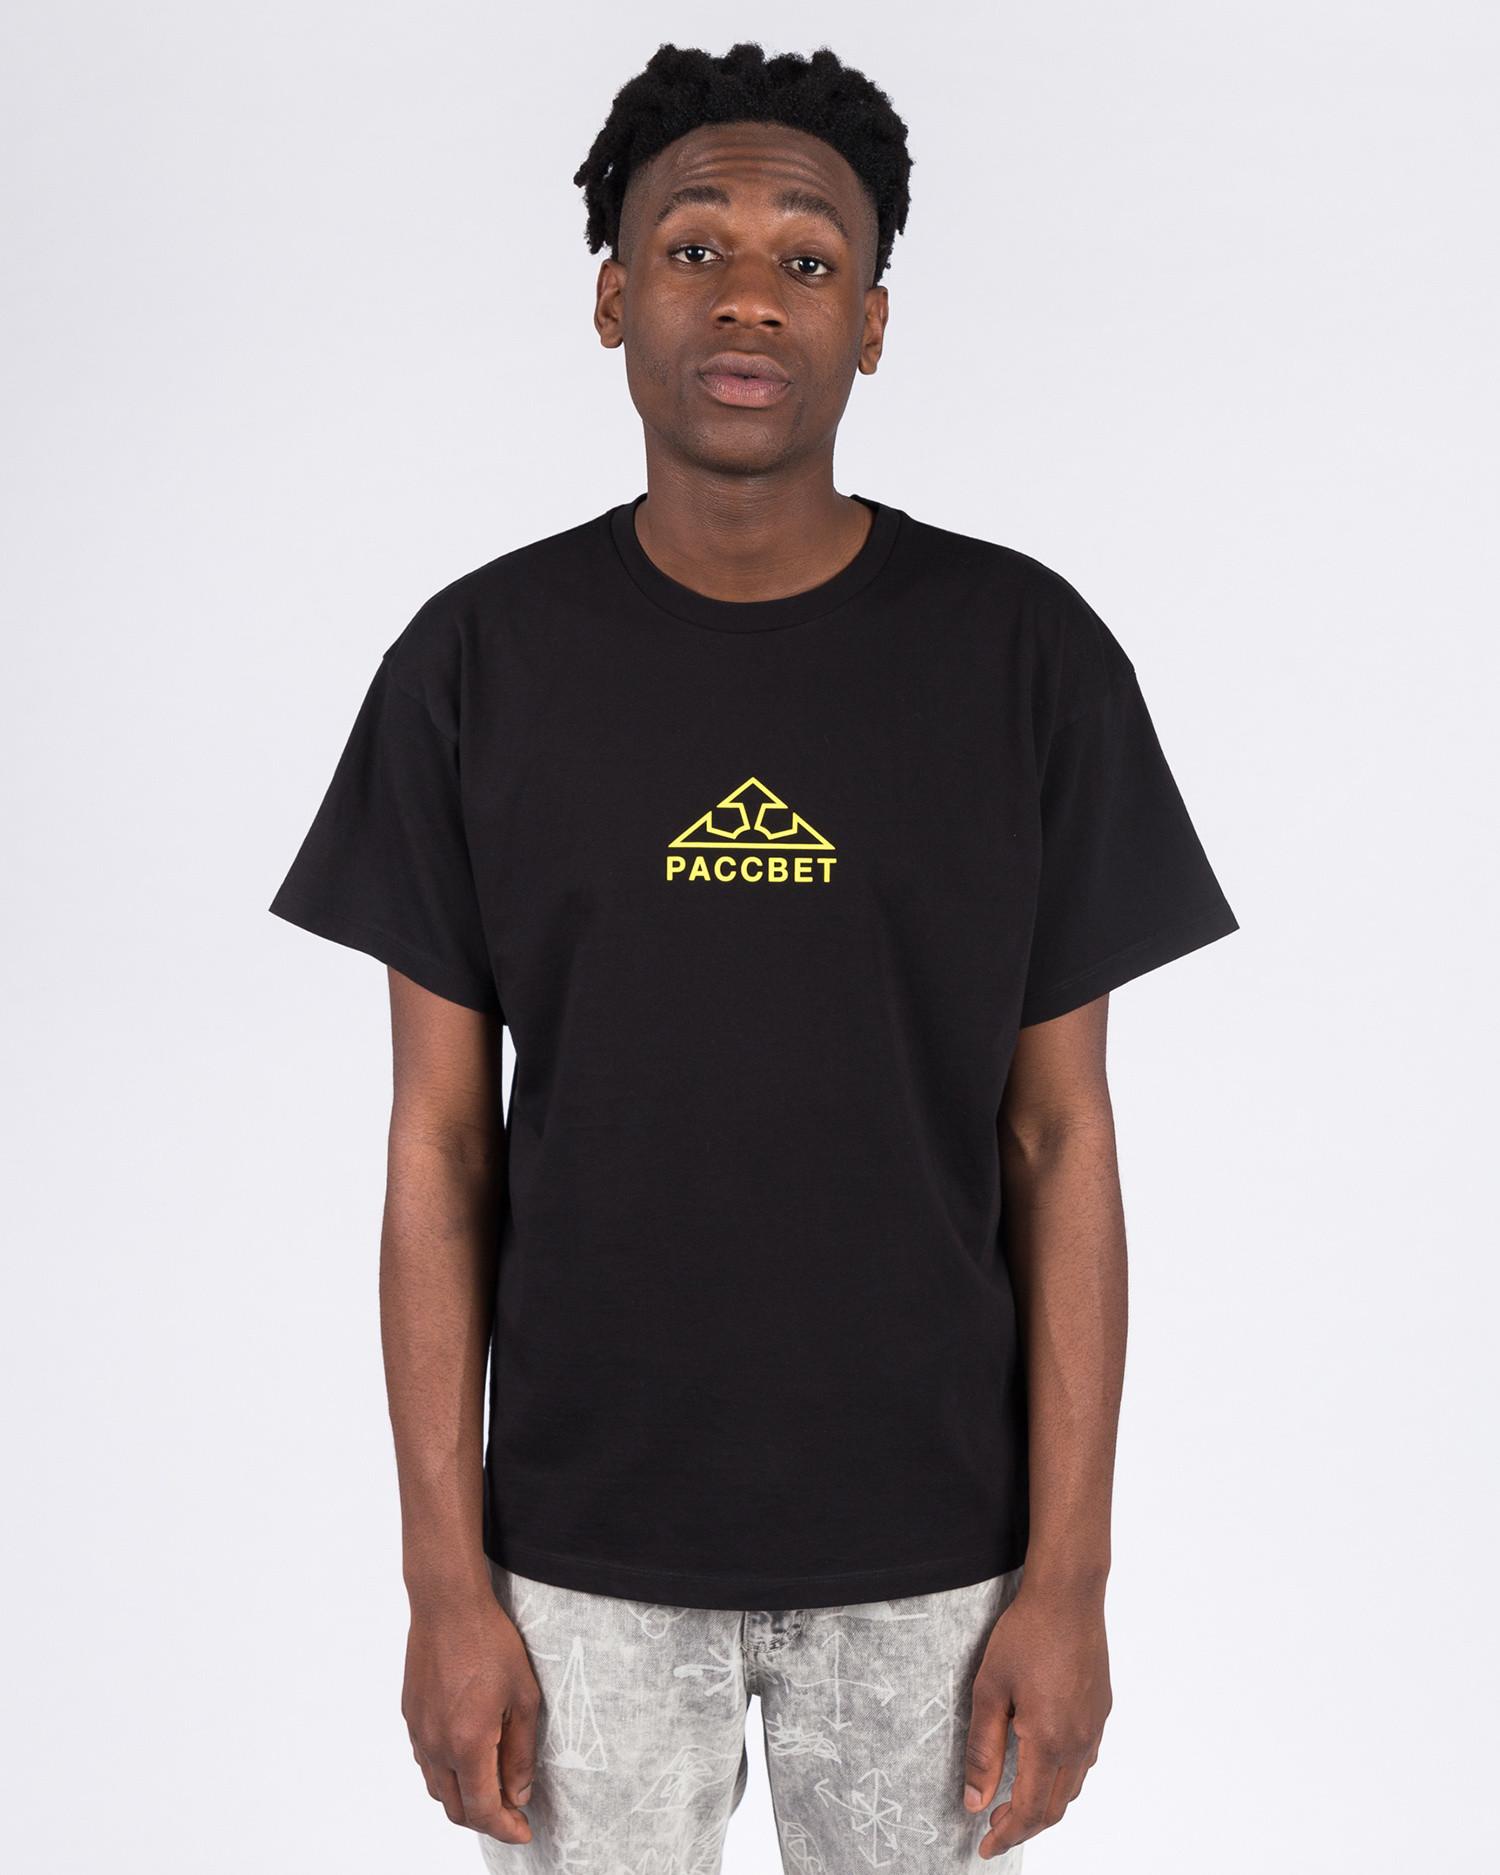 Paccbet Large Logo T-shirt Black